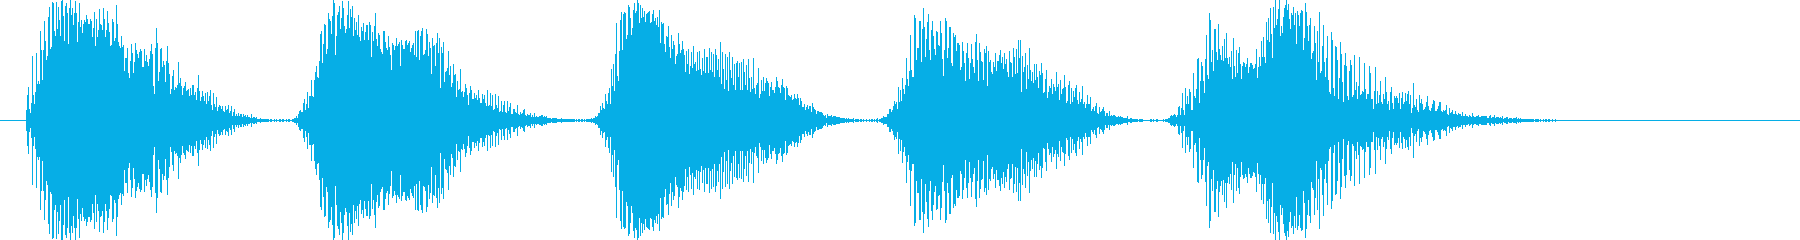 カァカァカァ(カラスの鳴き声)擬音5連発の再生済みの波形